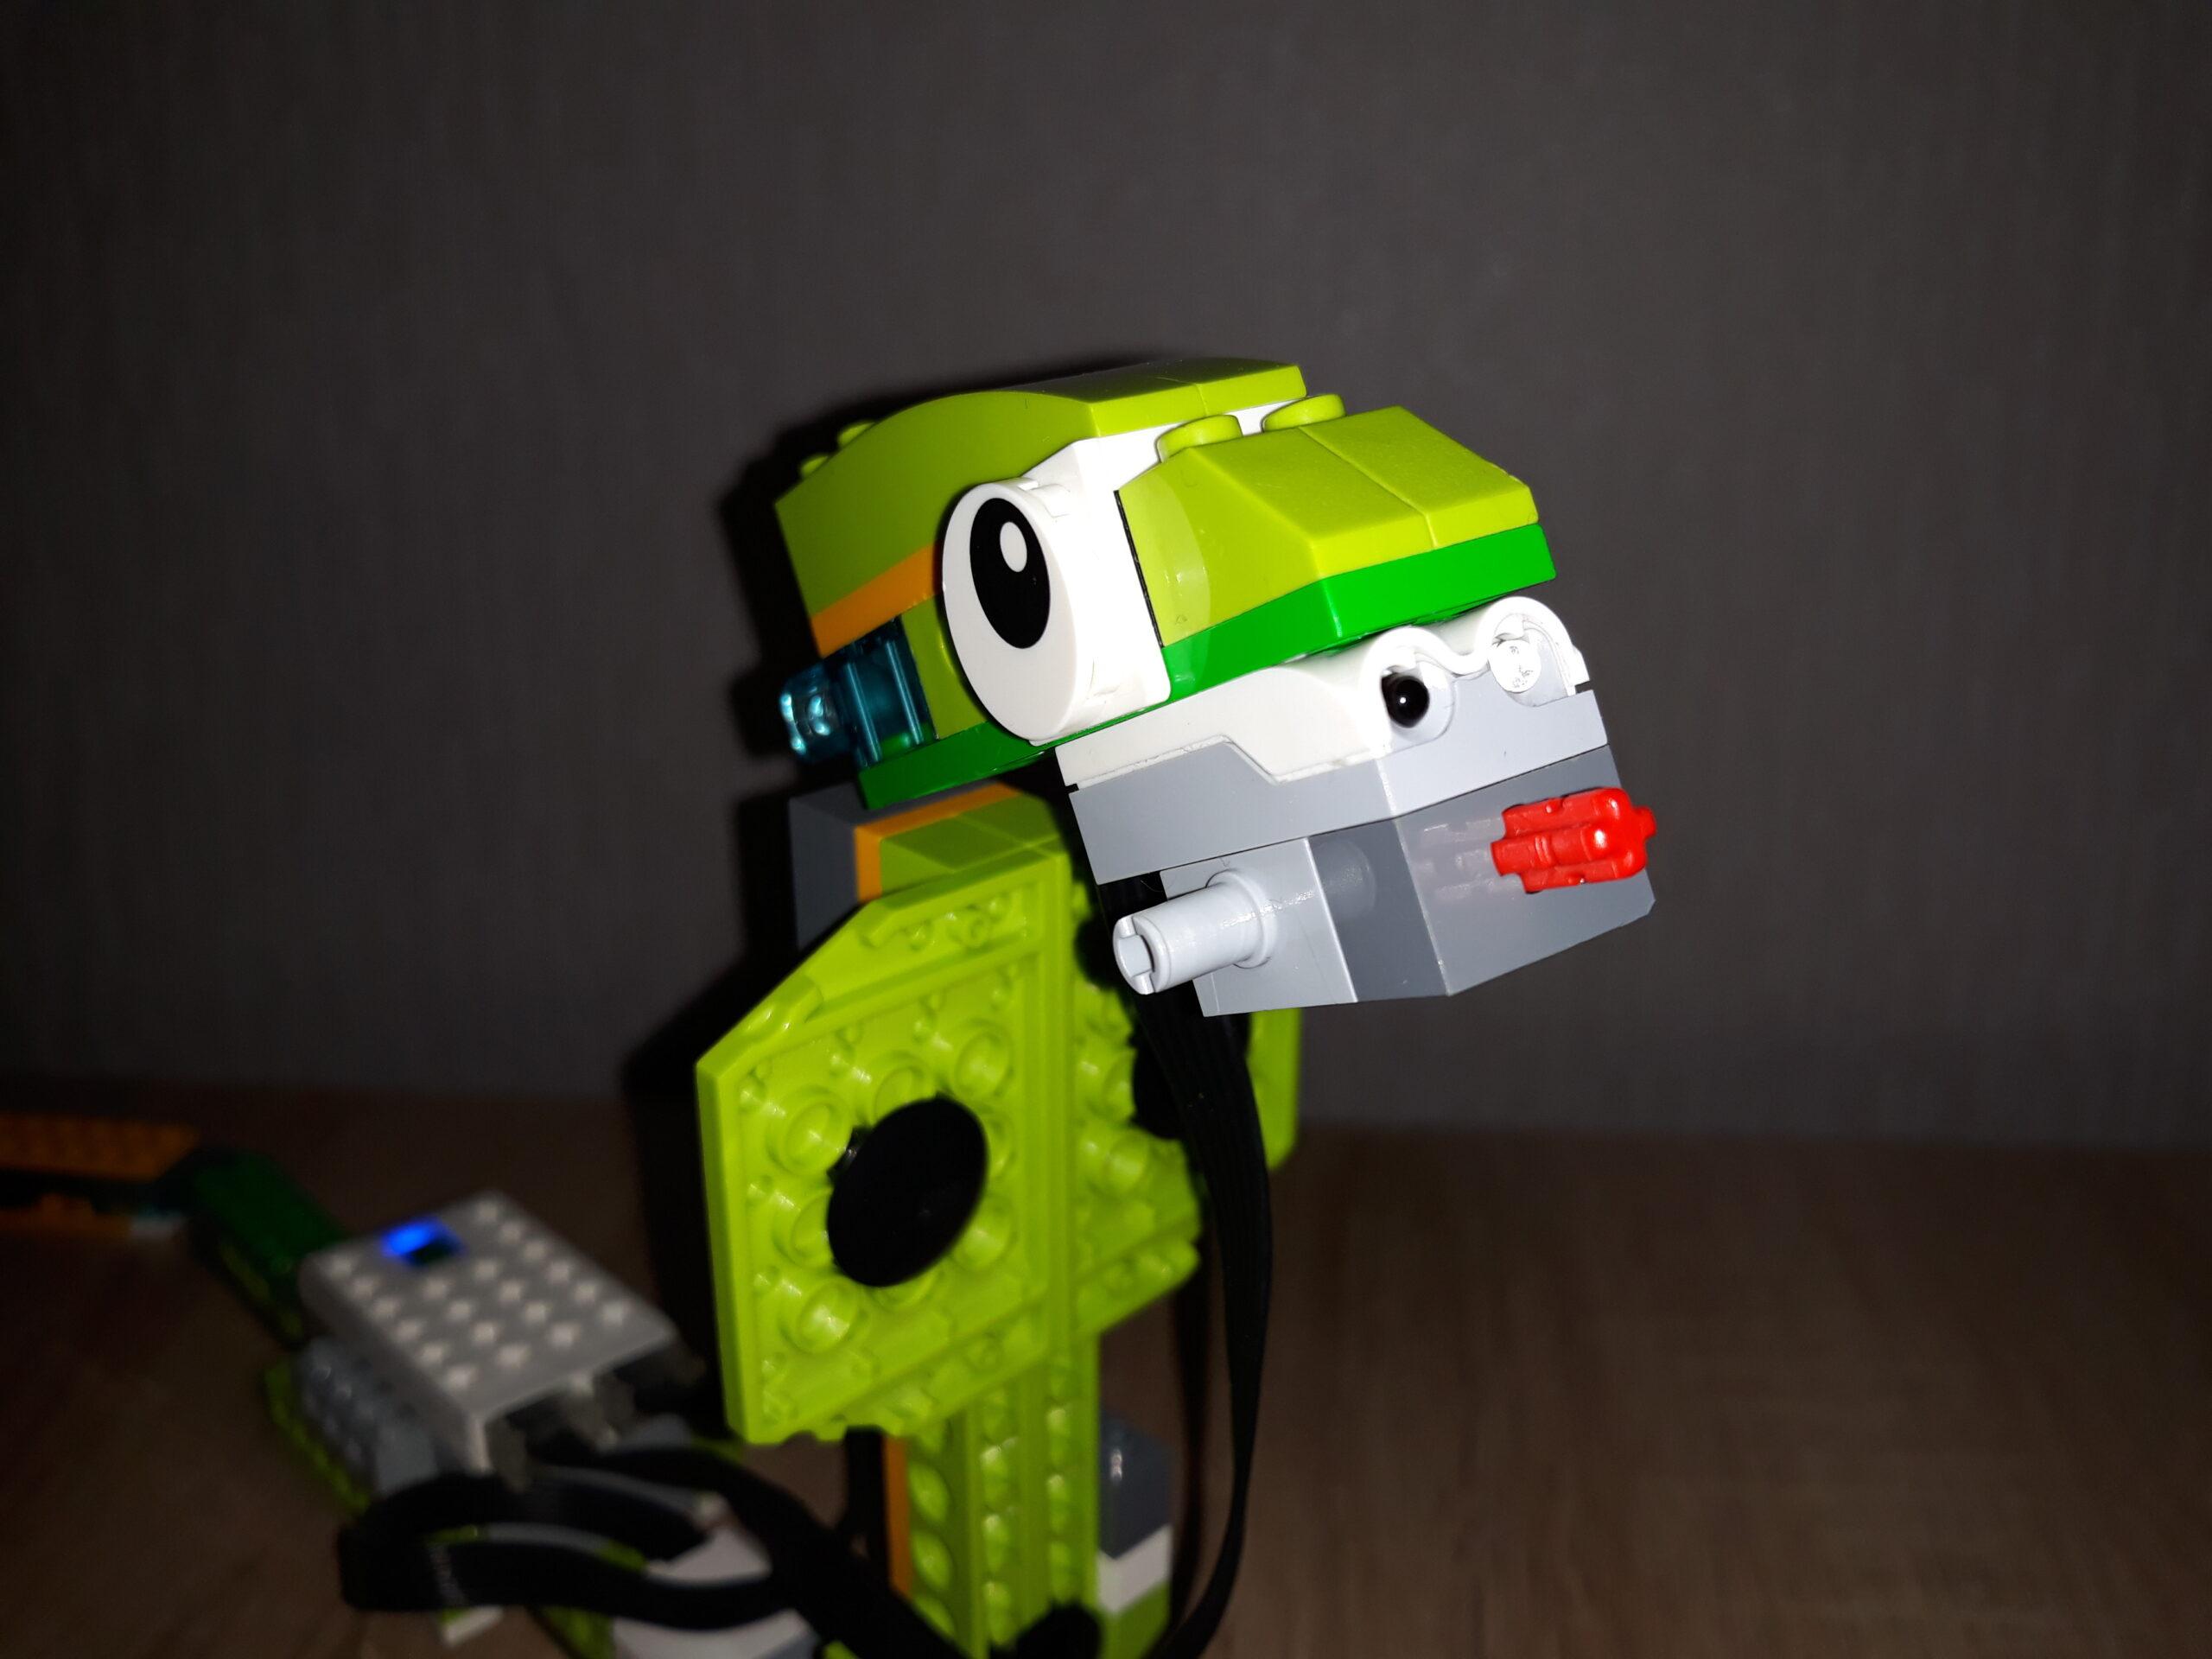 Пошаговая инструкция по сборке из набора LEGO Education WeDo 2.0 Кобра